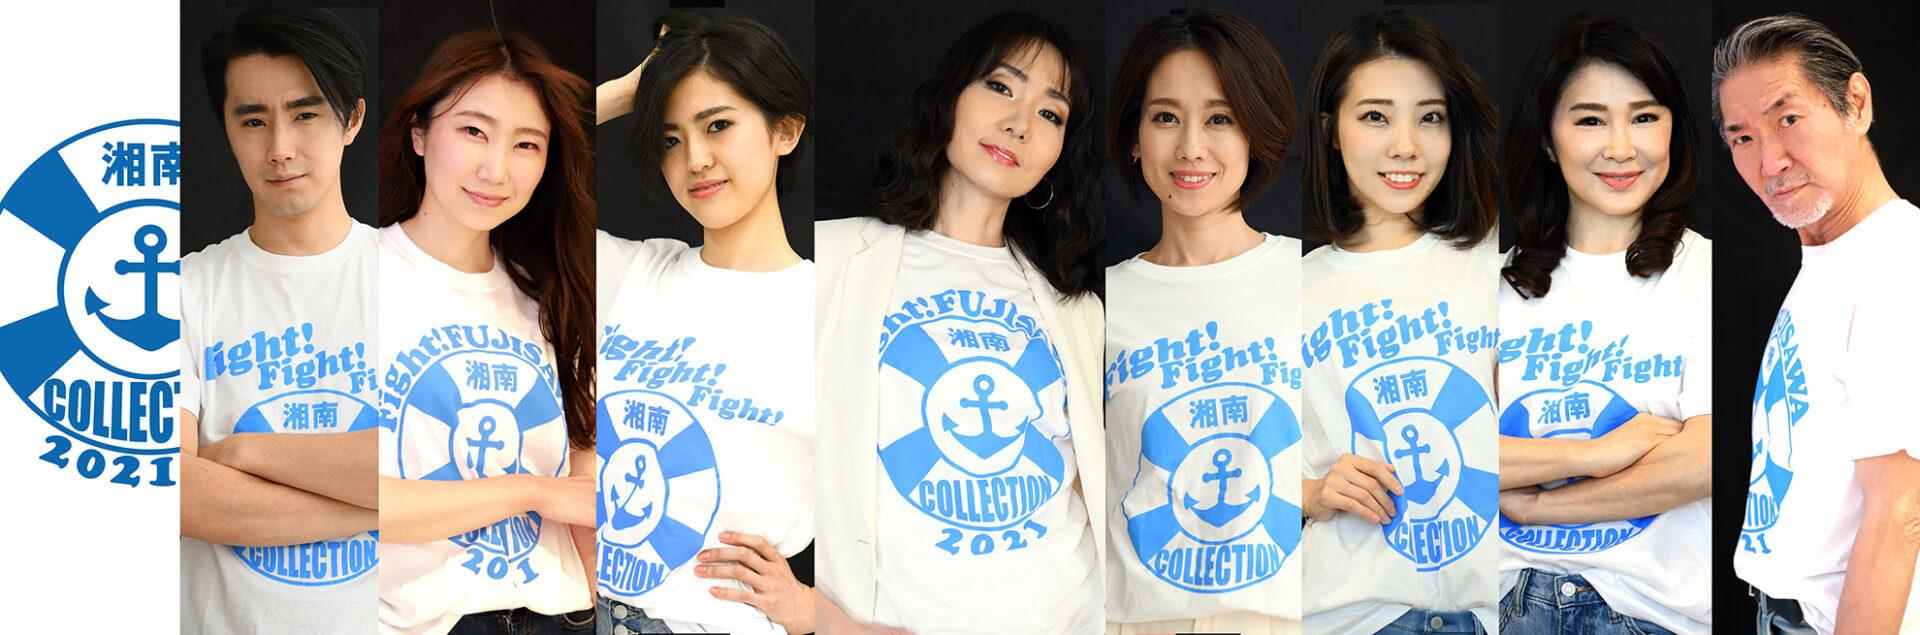 湘南COLLECTION2021